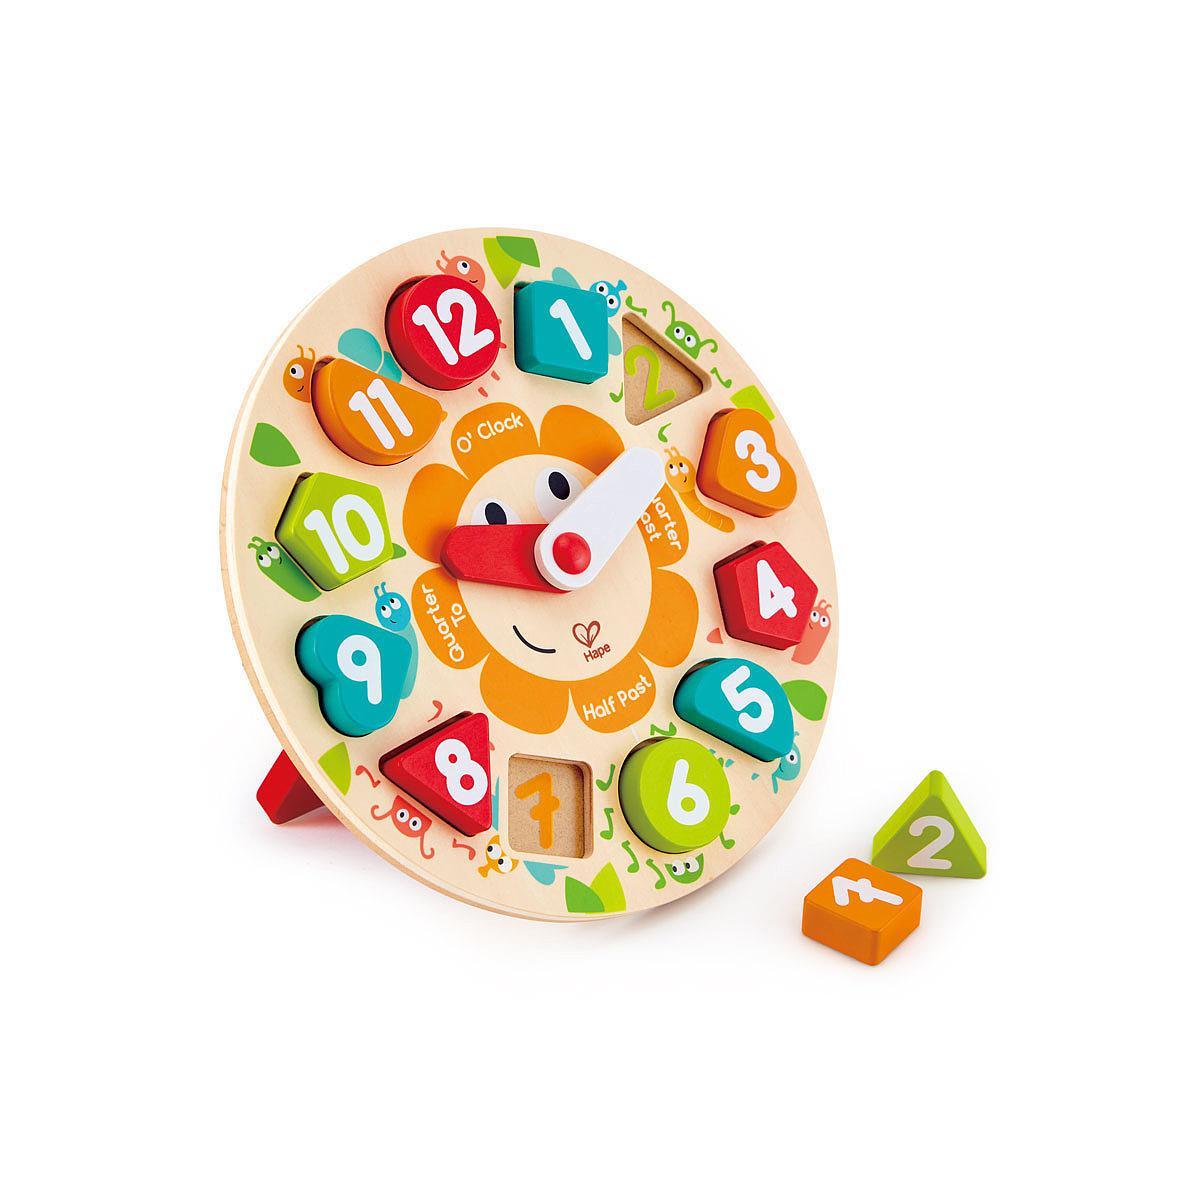 Hape - Puzzle horloge enfant hape